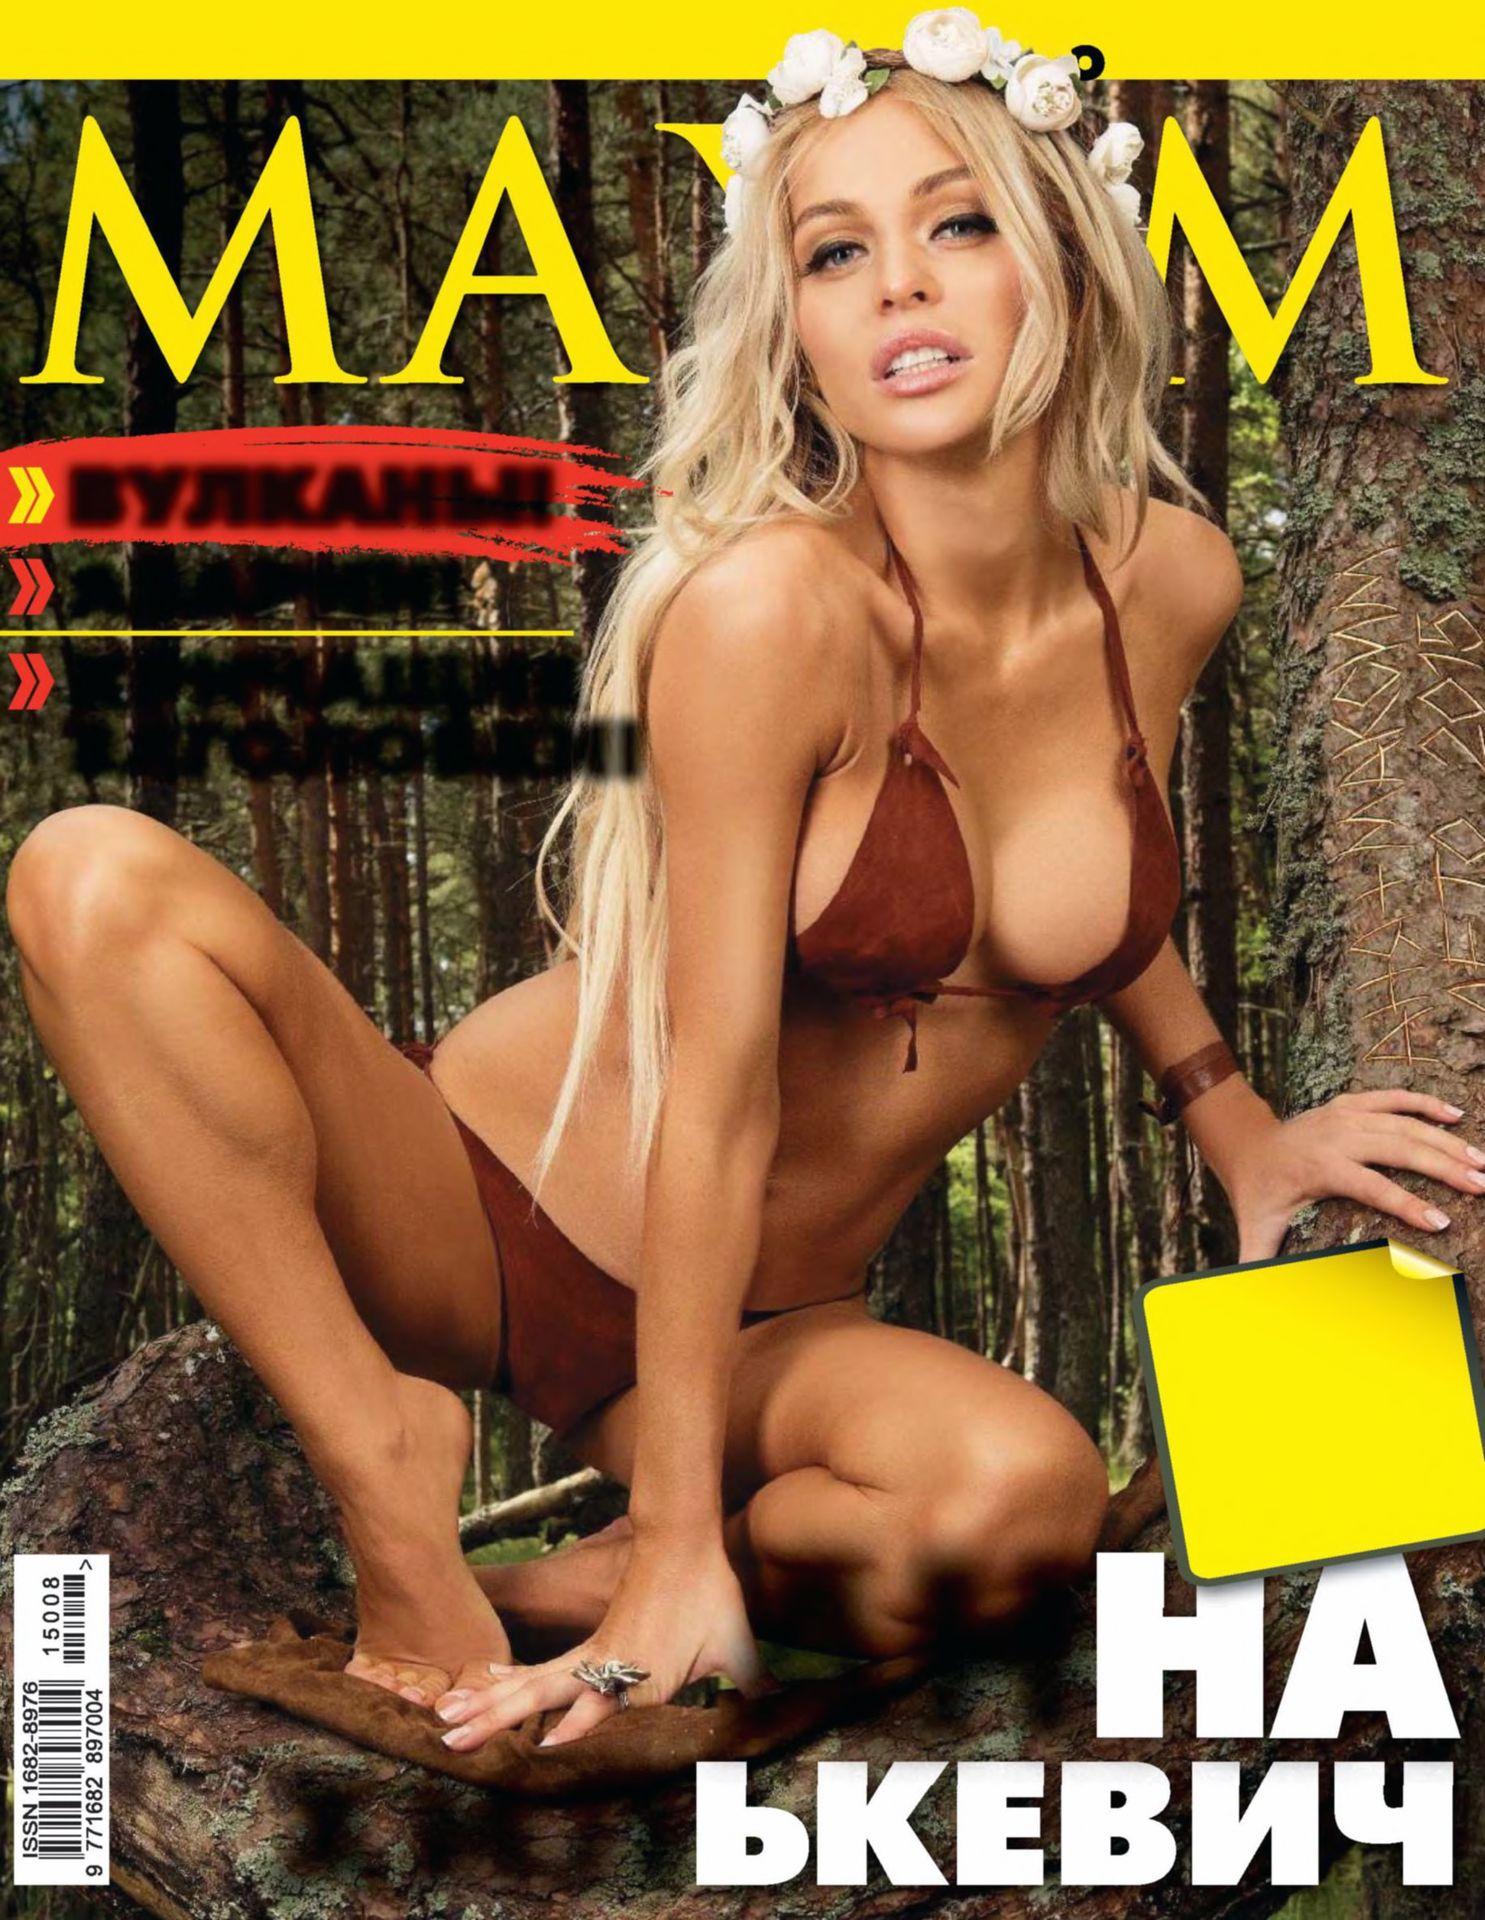 Голая Анна Хилькевич В Максим